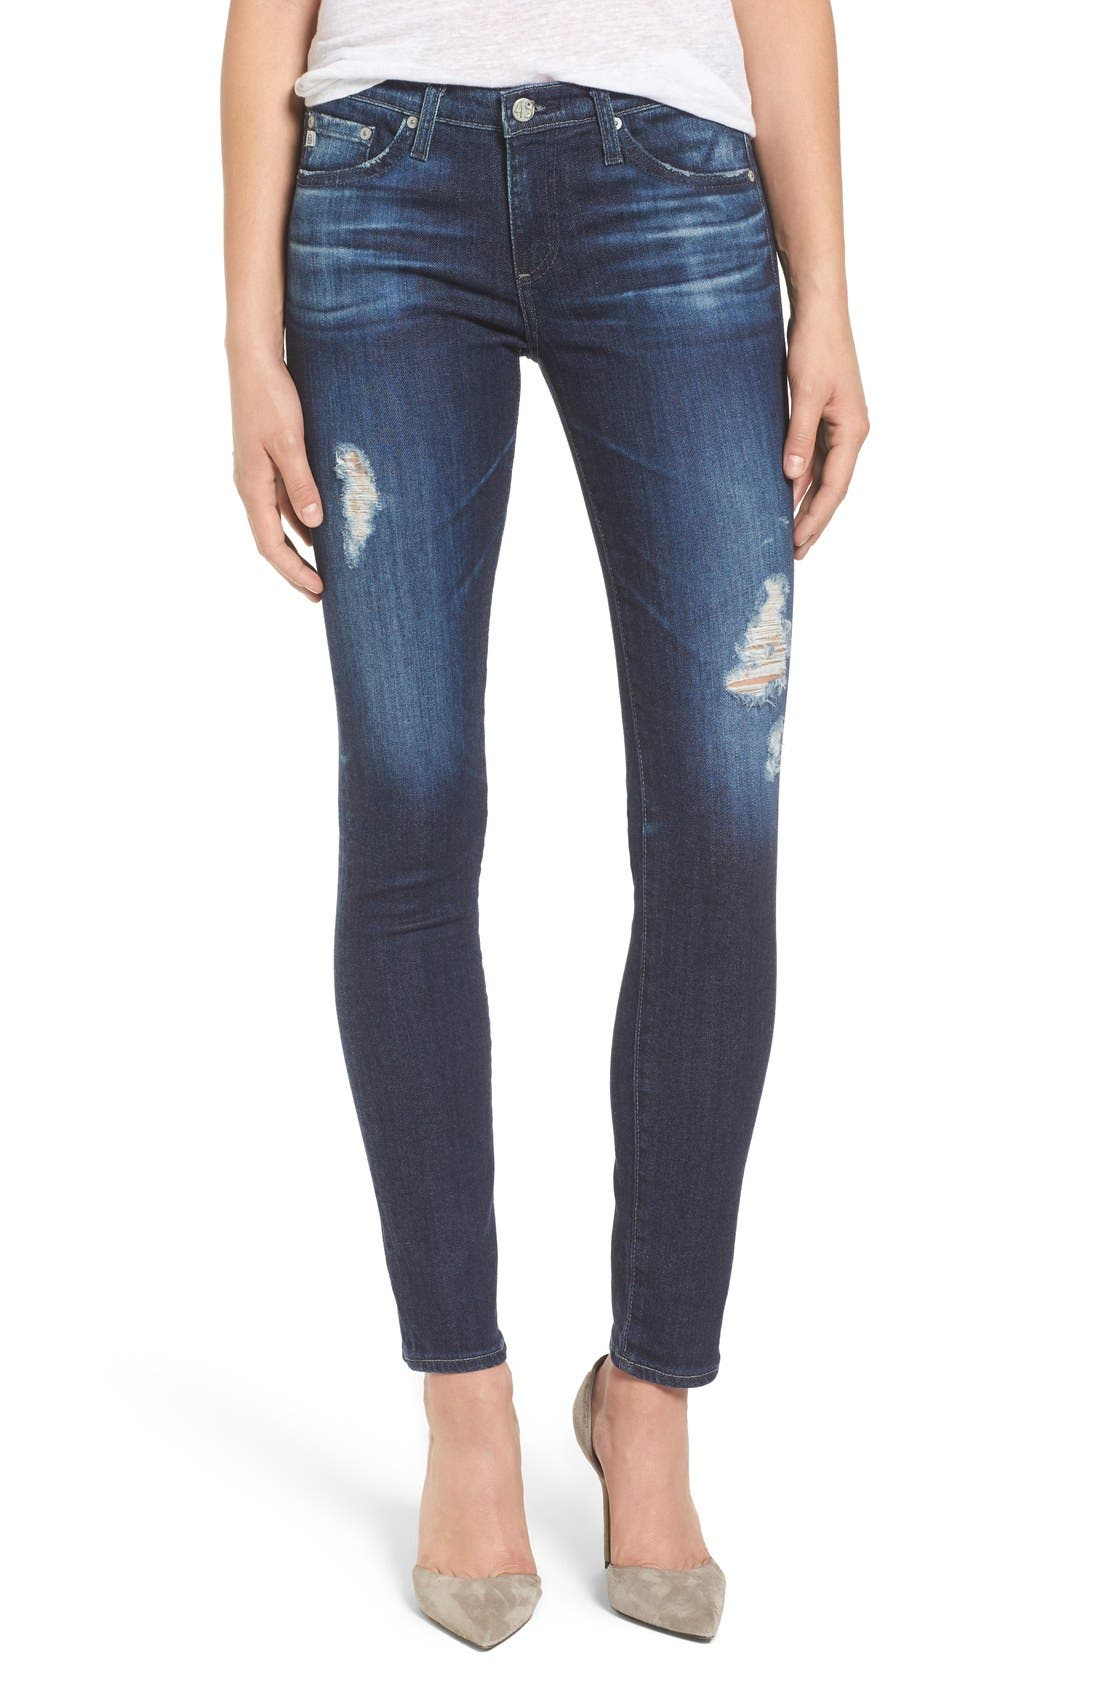 Alternate Image 1 Selected - AG 'The Stilt' Cigarette Leg Jeans (7 Year Ripped)